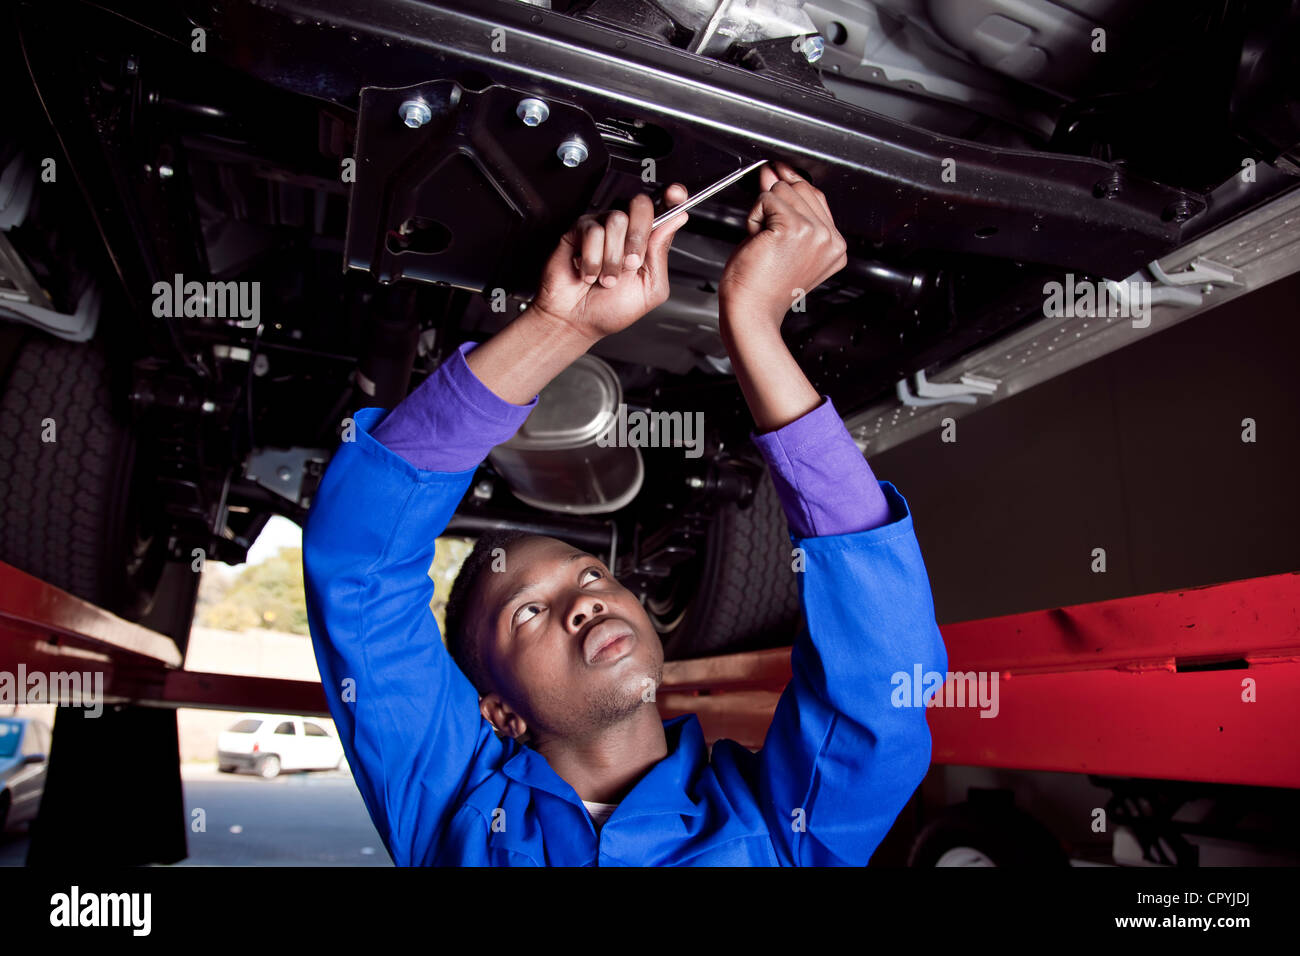 Mécanicien d'Afrique sous une voiture, travaillant sur le moteur Photo Stock